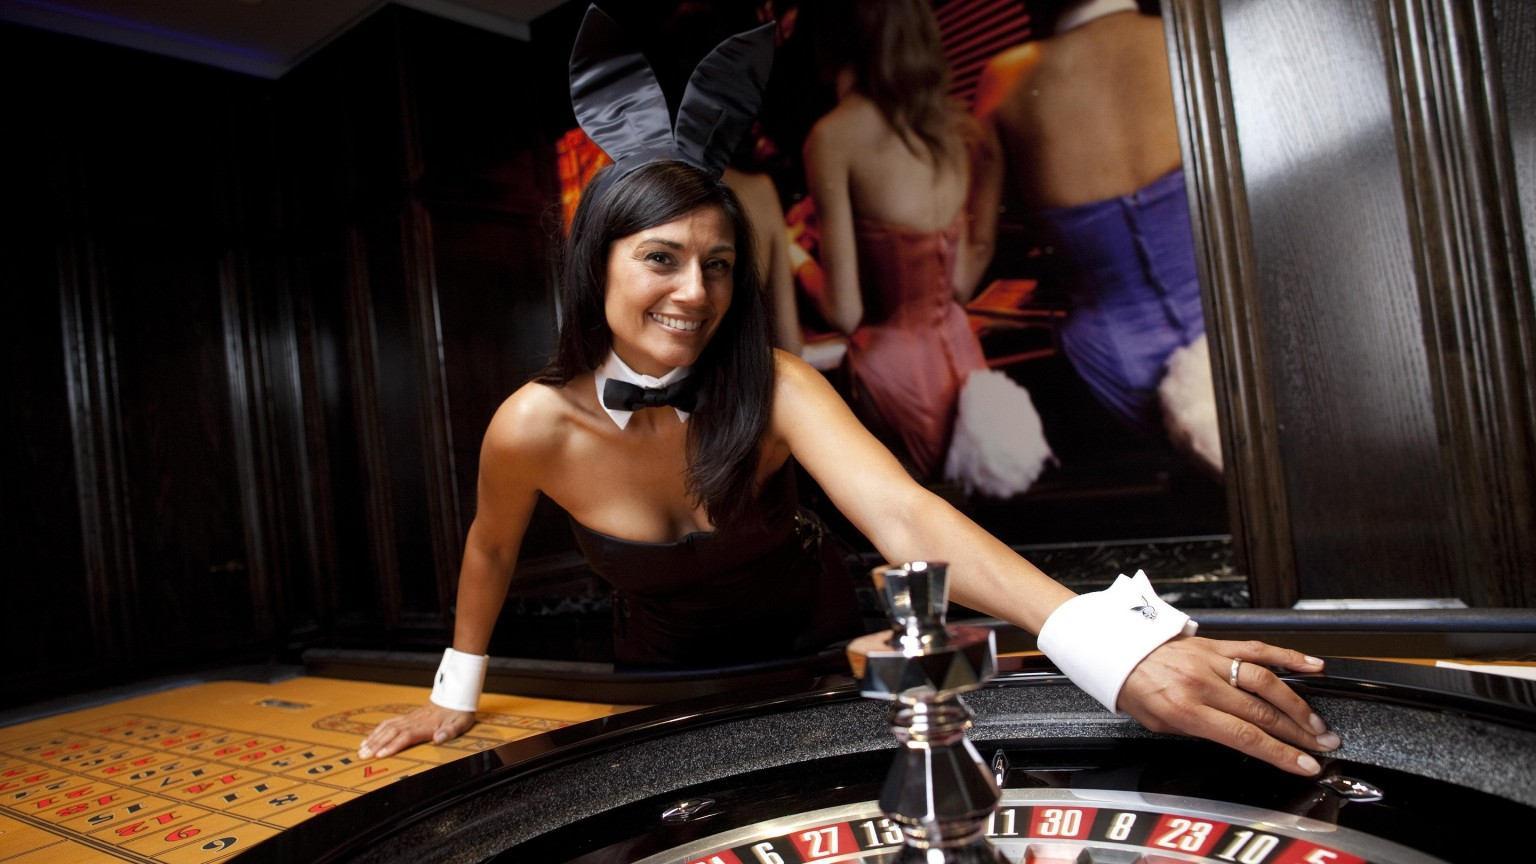 казино playboy club лондон описание